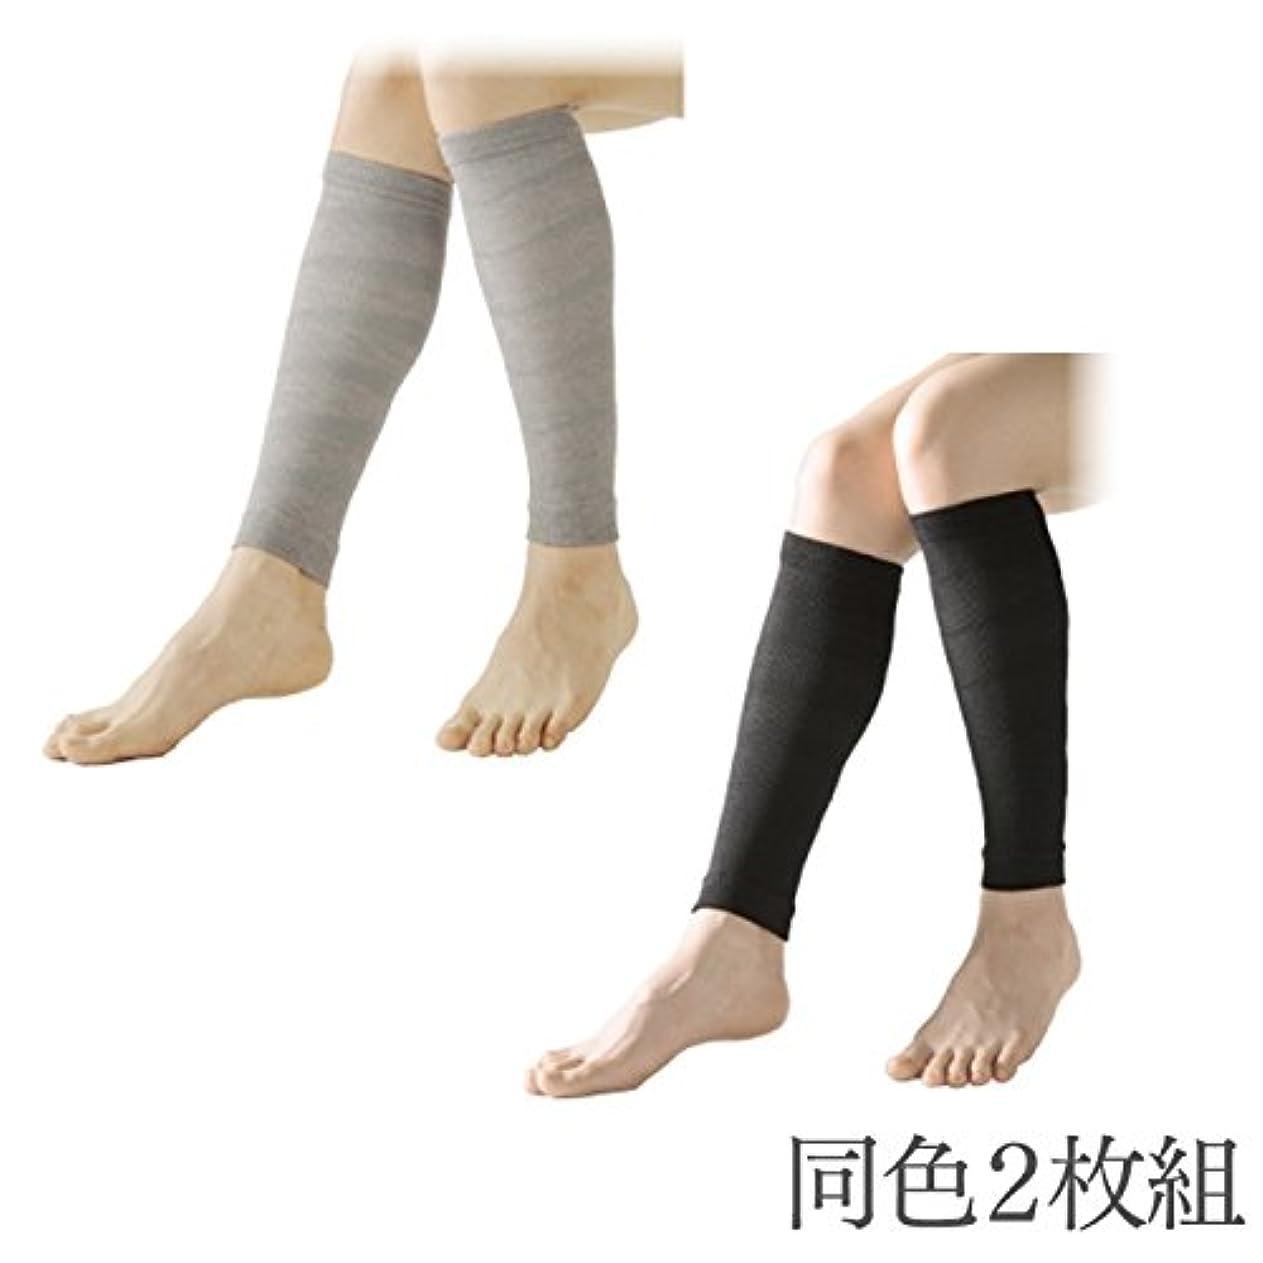 汚物素子へこみ着圧ソックス 足のむくみ 靴下 むくみ解消 着圧ふくらはぎサポーター 2枚組(グレー)